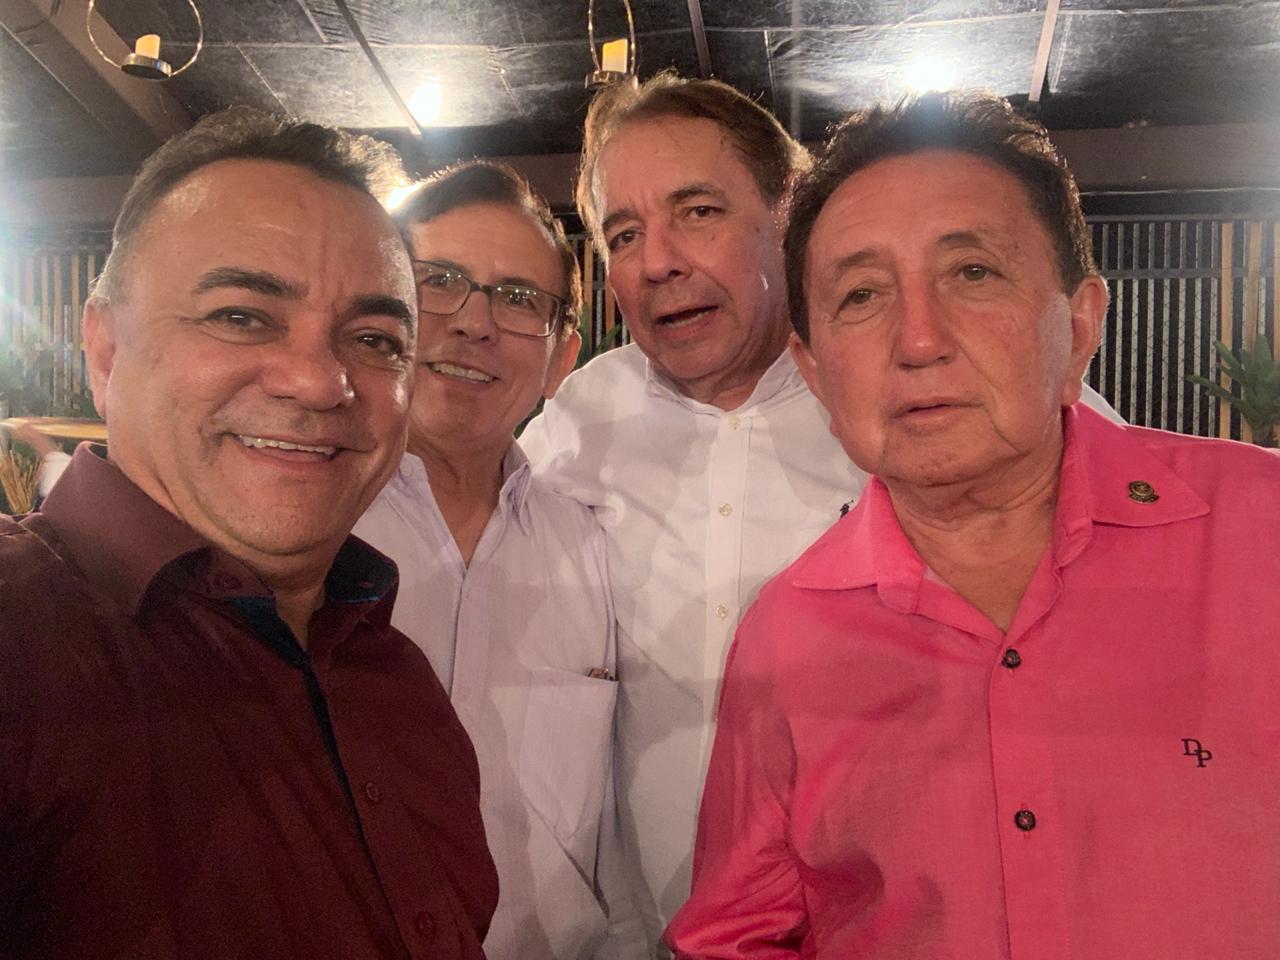 WhatsApp Image 2019 09 22 at 10.04.41 2 - Políticos e empresários comemoram os 90 anos de Zé Cavalcanti, em Cajazeiras - VEJA FOTOS E VÍDEOS